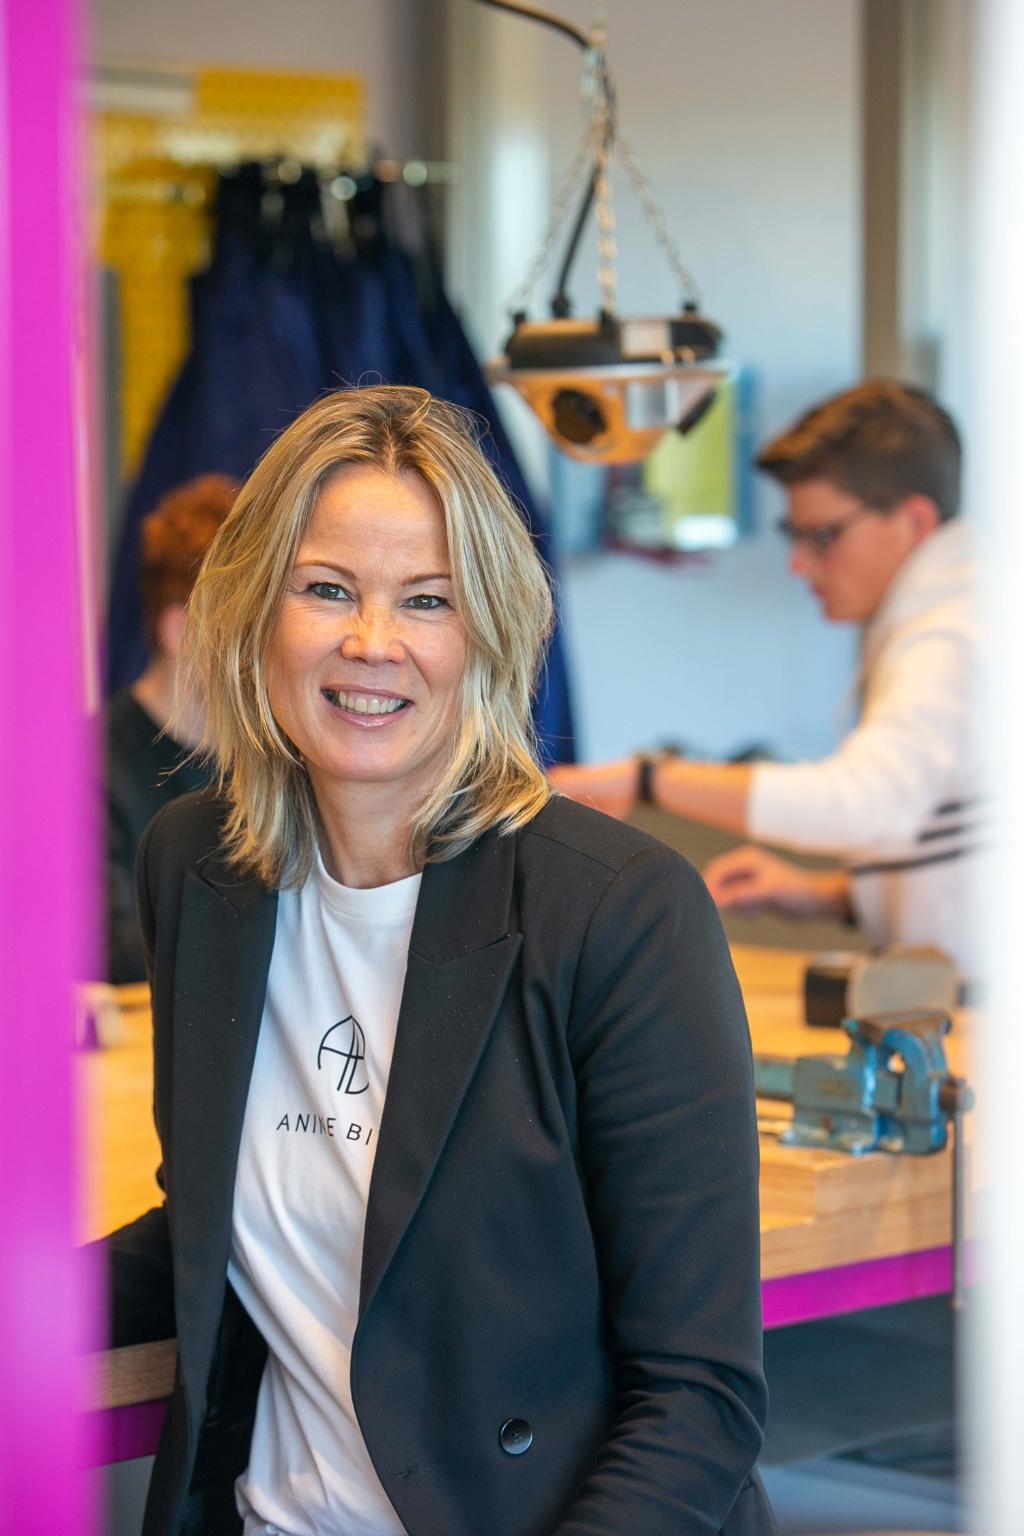 Birgit van Veghel is de nieuwe locatie-directeur van het Zwijsen College. Ad van de Graaf. © mooischijndel